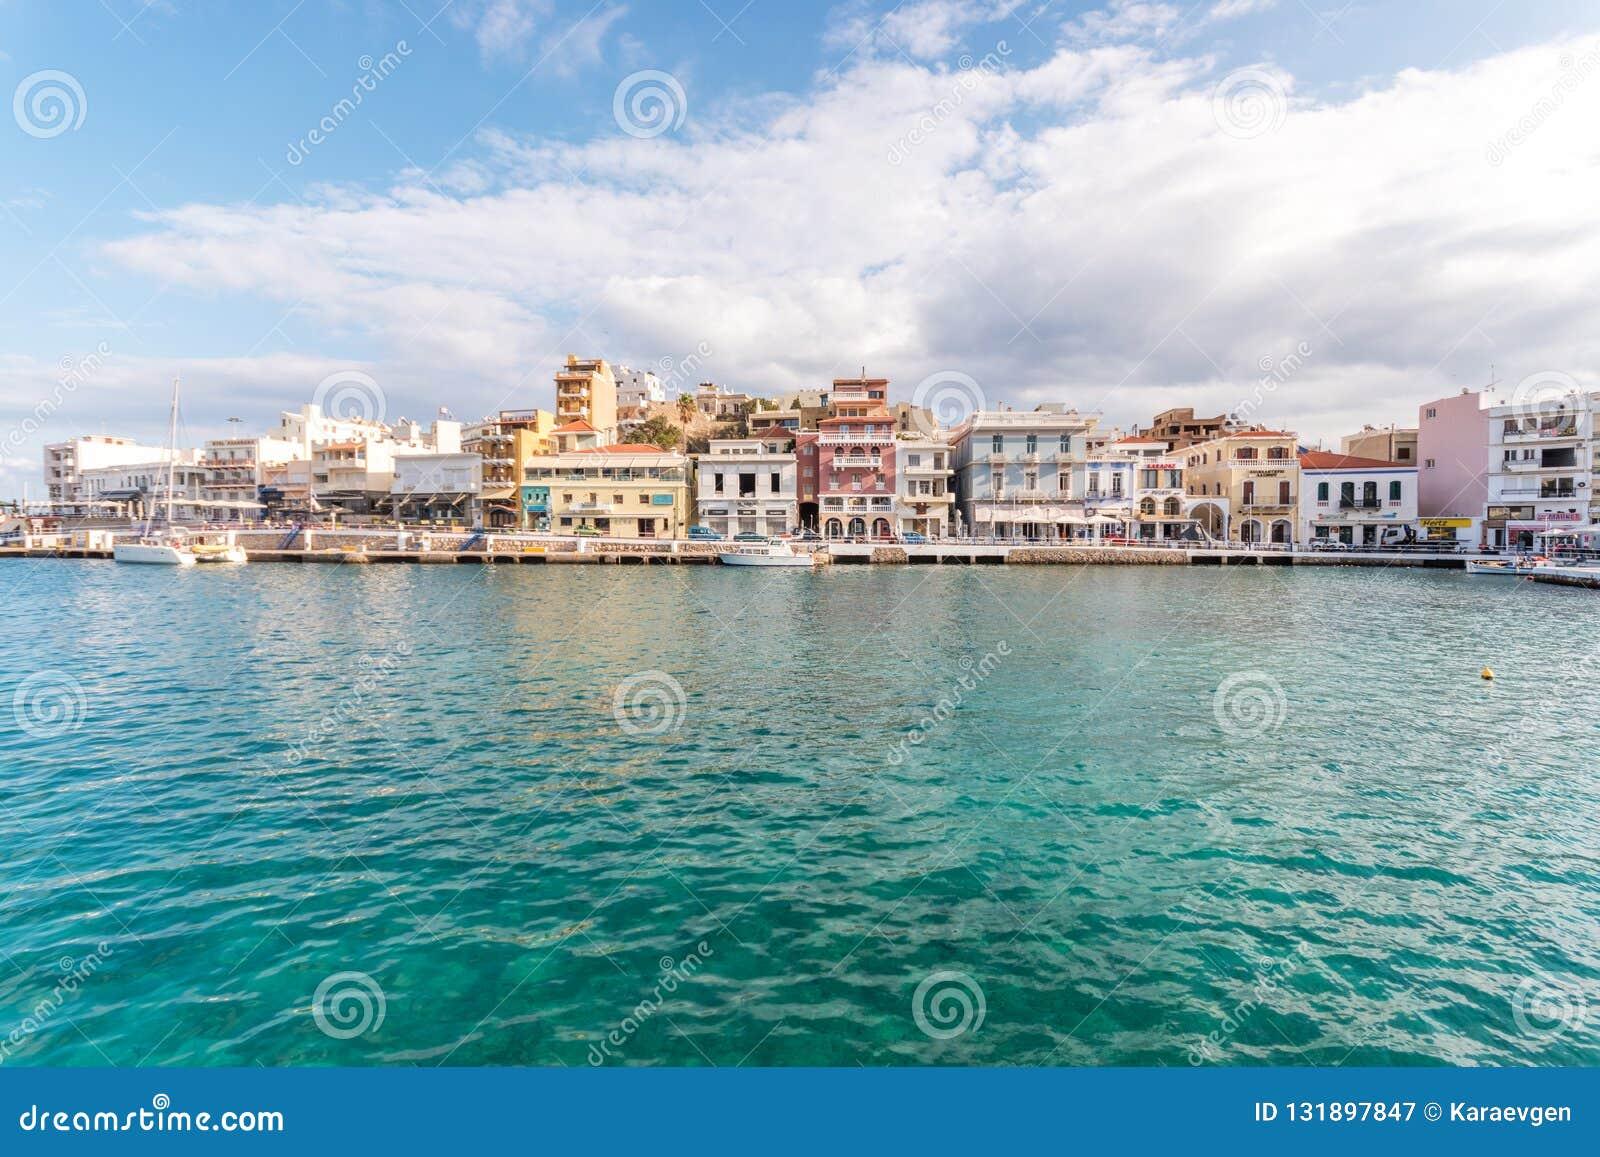 Ажио Nikolaos, Крит - 8-ое ноября 2018: Взгляд города Nikolaos ажио Крит Греция